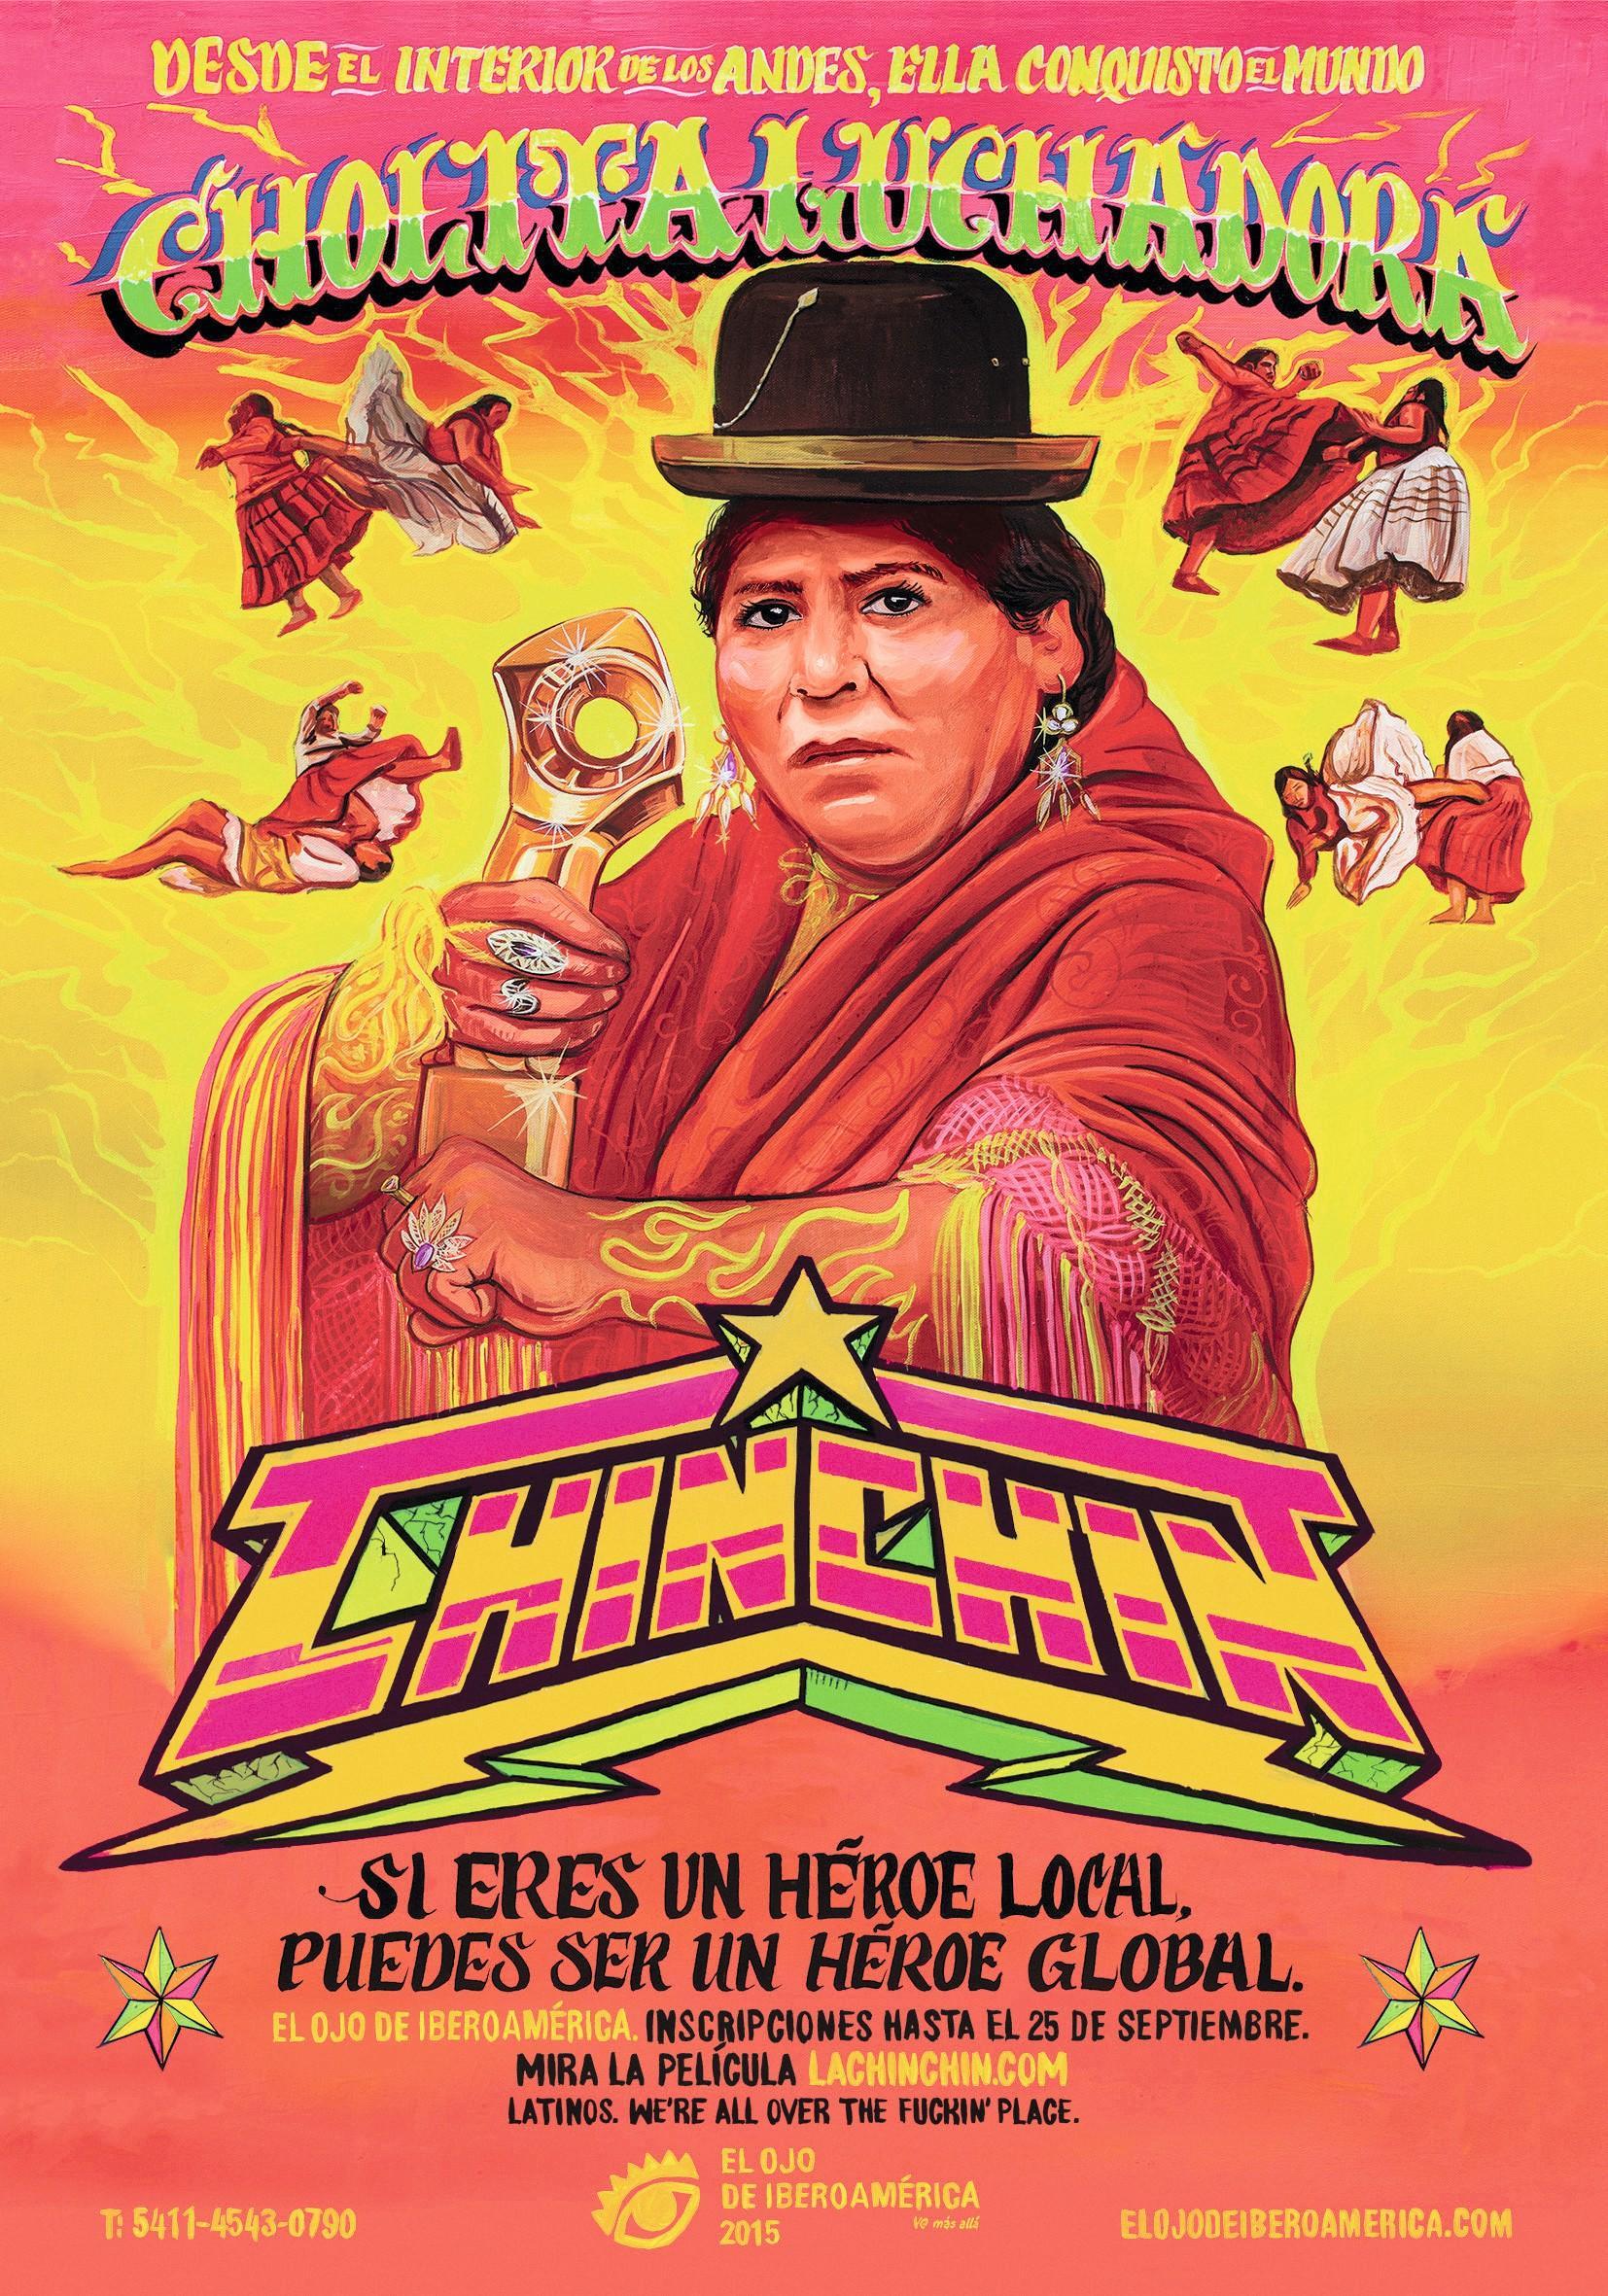 Cartel de un corto promocional para el Festival El ojo de Iberoamérica, 2015.